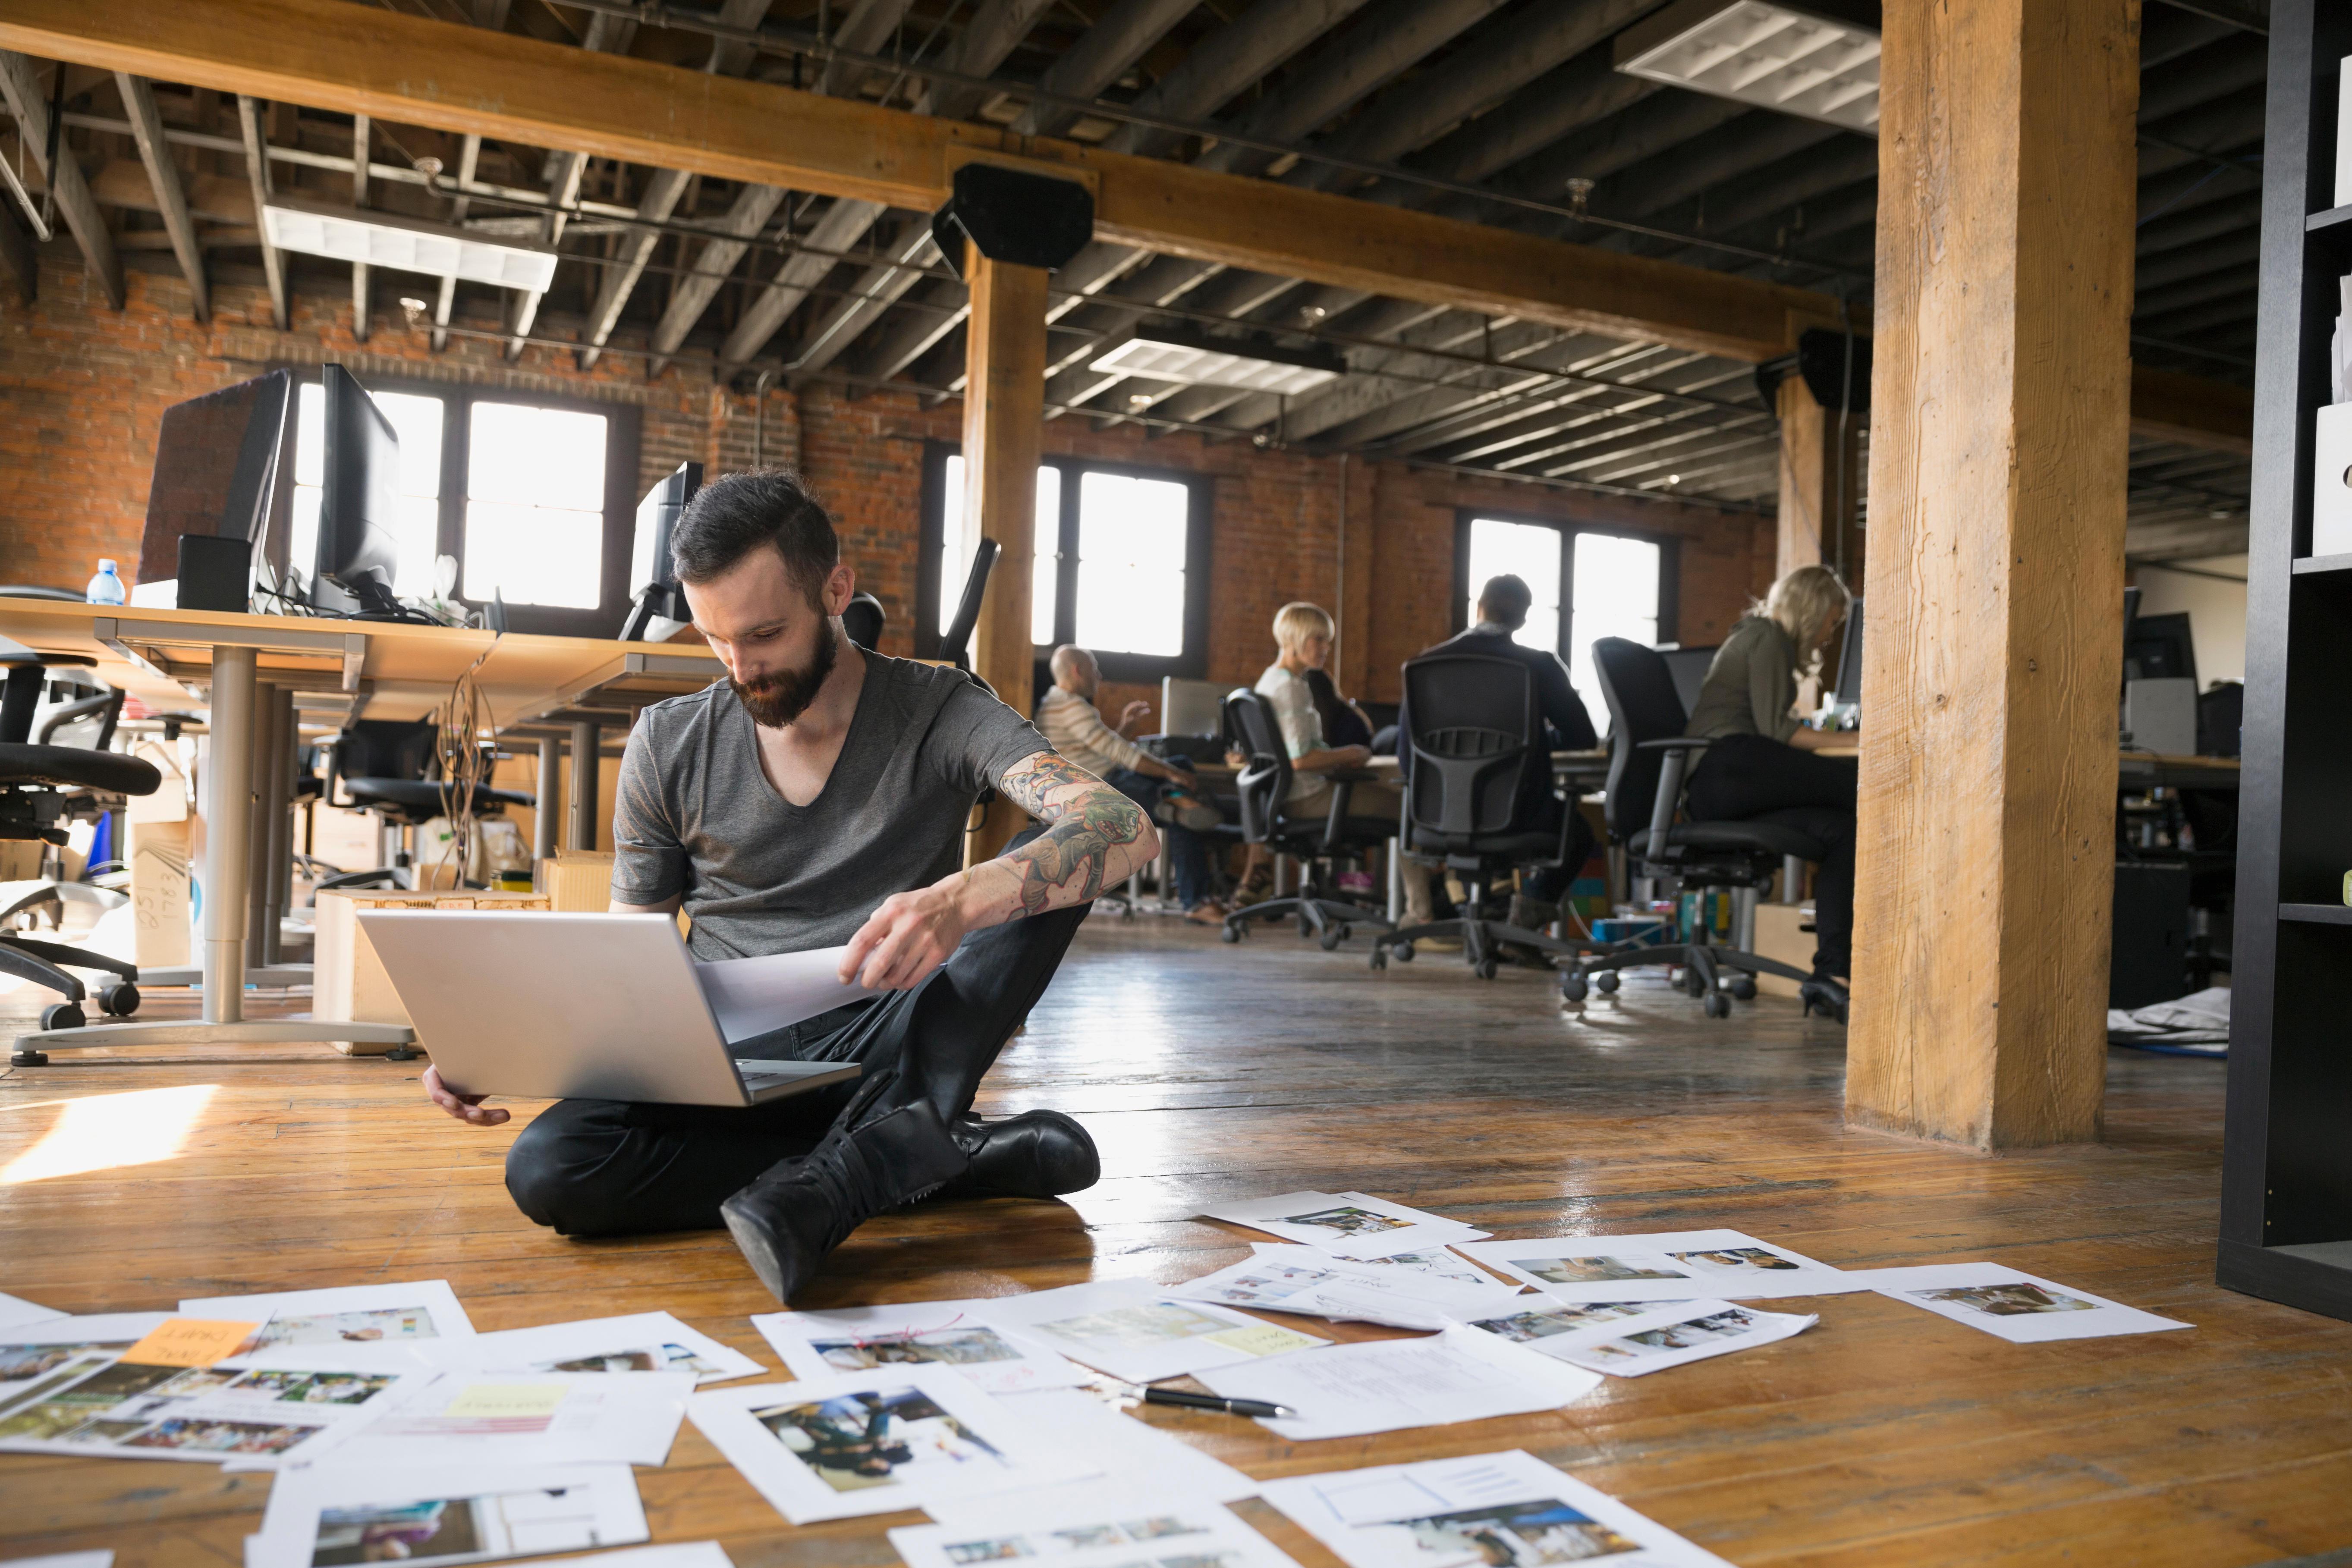 Как студии работать с фрилансерами фрилансеры и трудовой кодекс